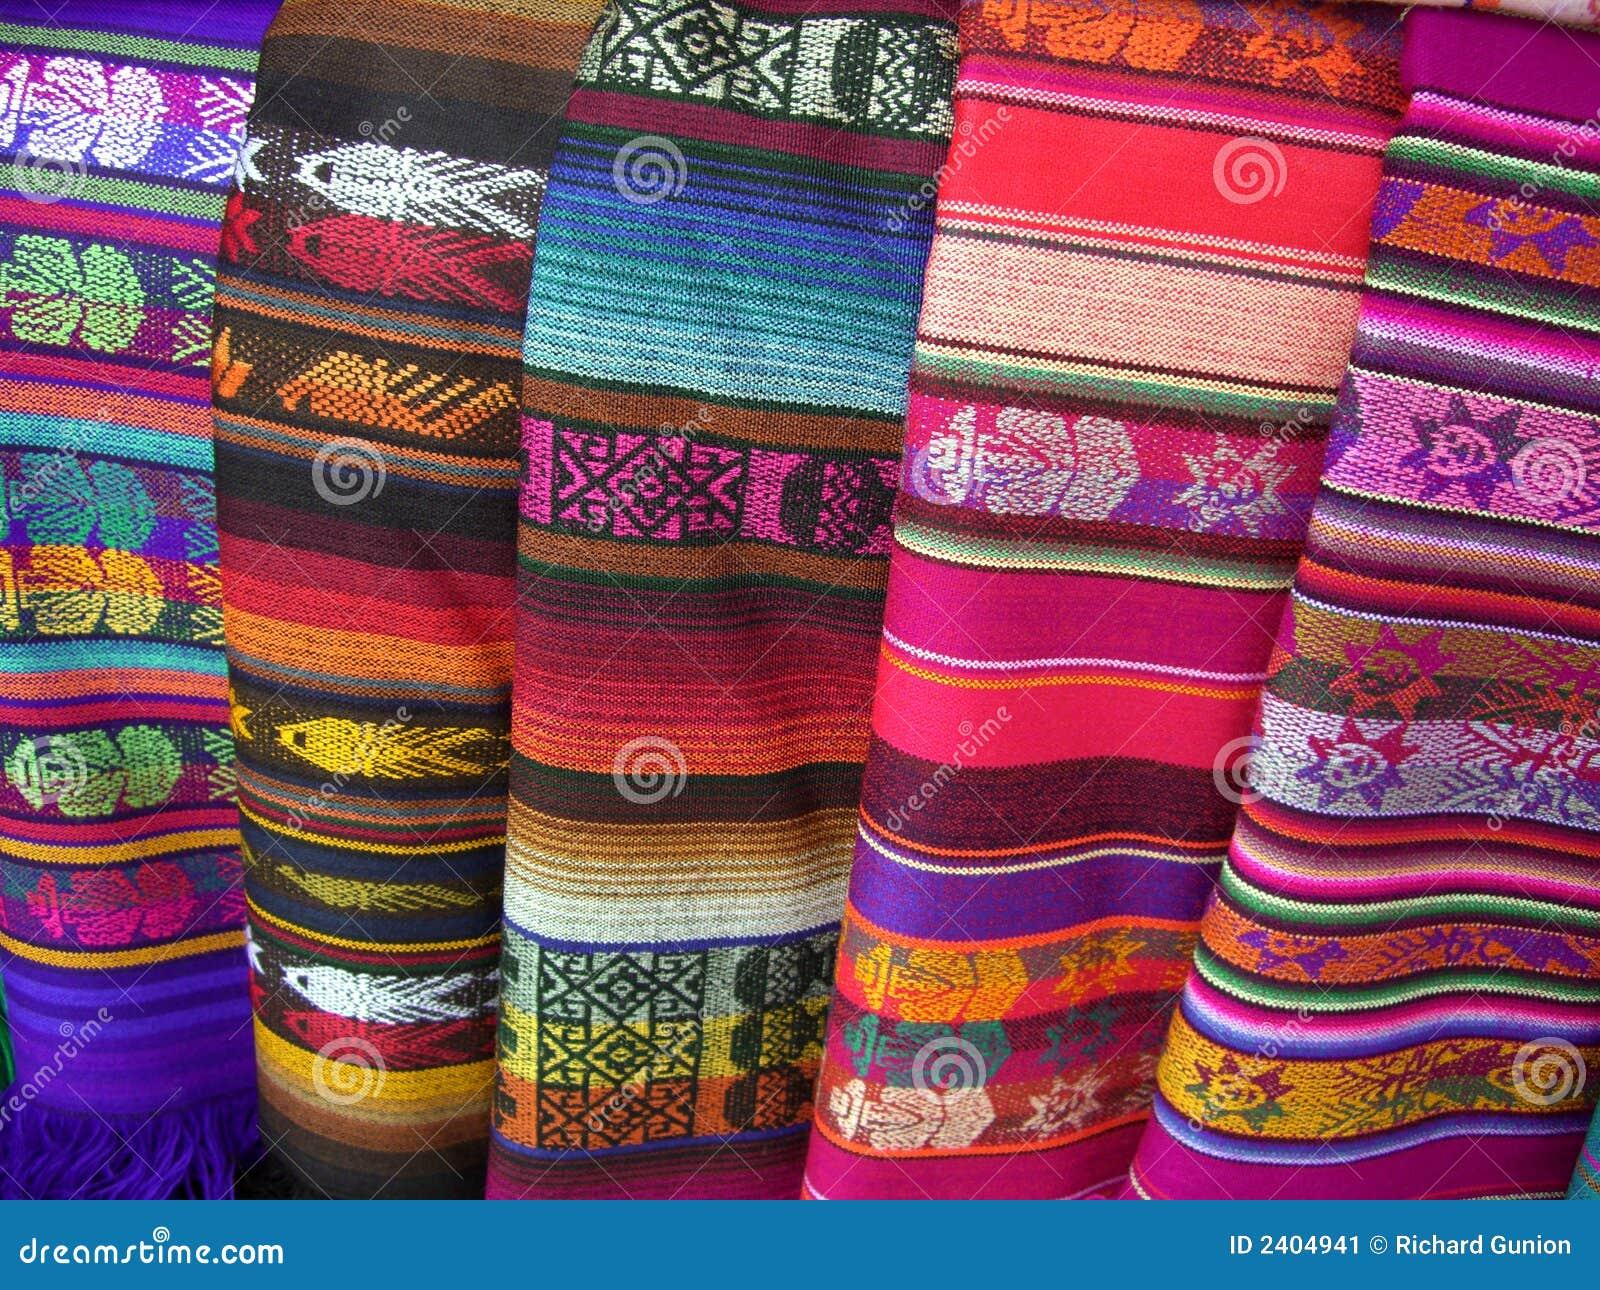 santa fe colors - Santa Fe Colors